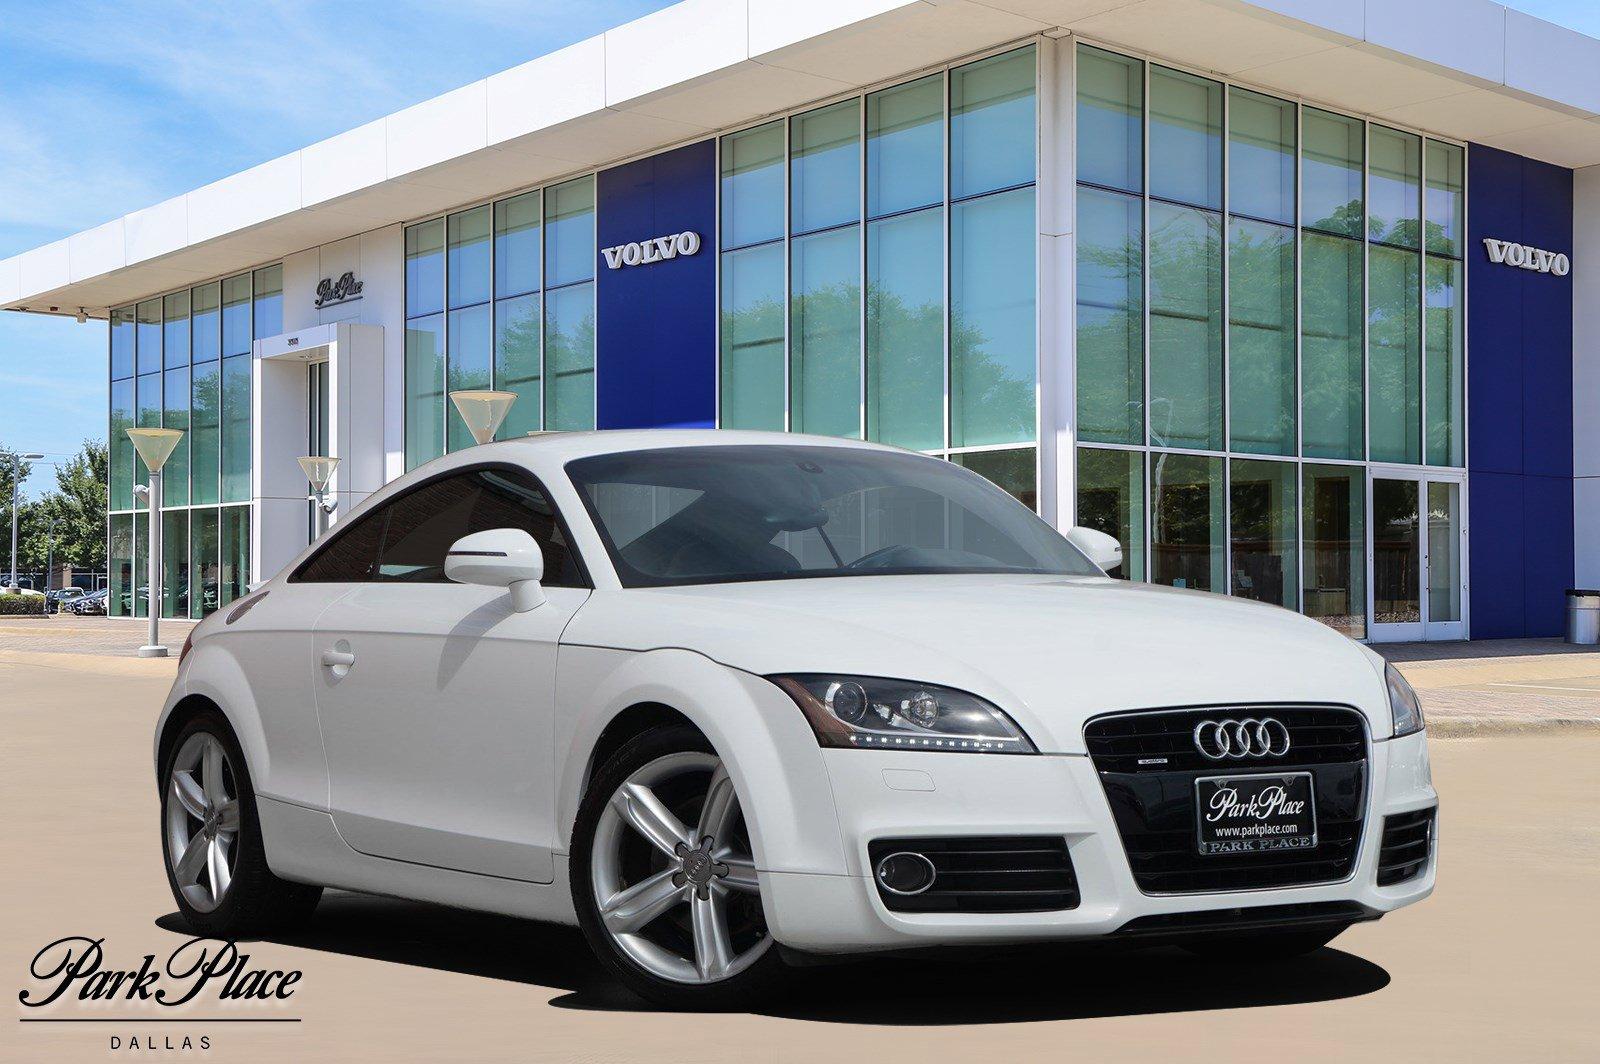 2012 Audi TT 2.0T Premium Plus quattro Cpe image